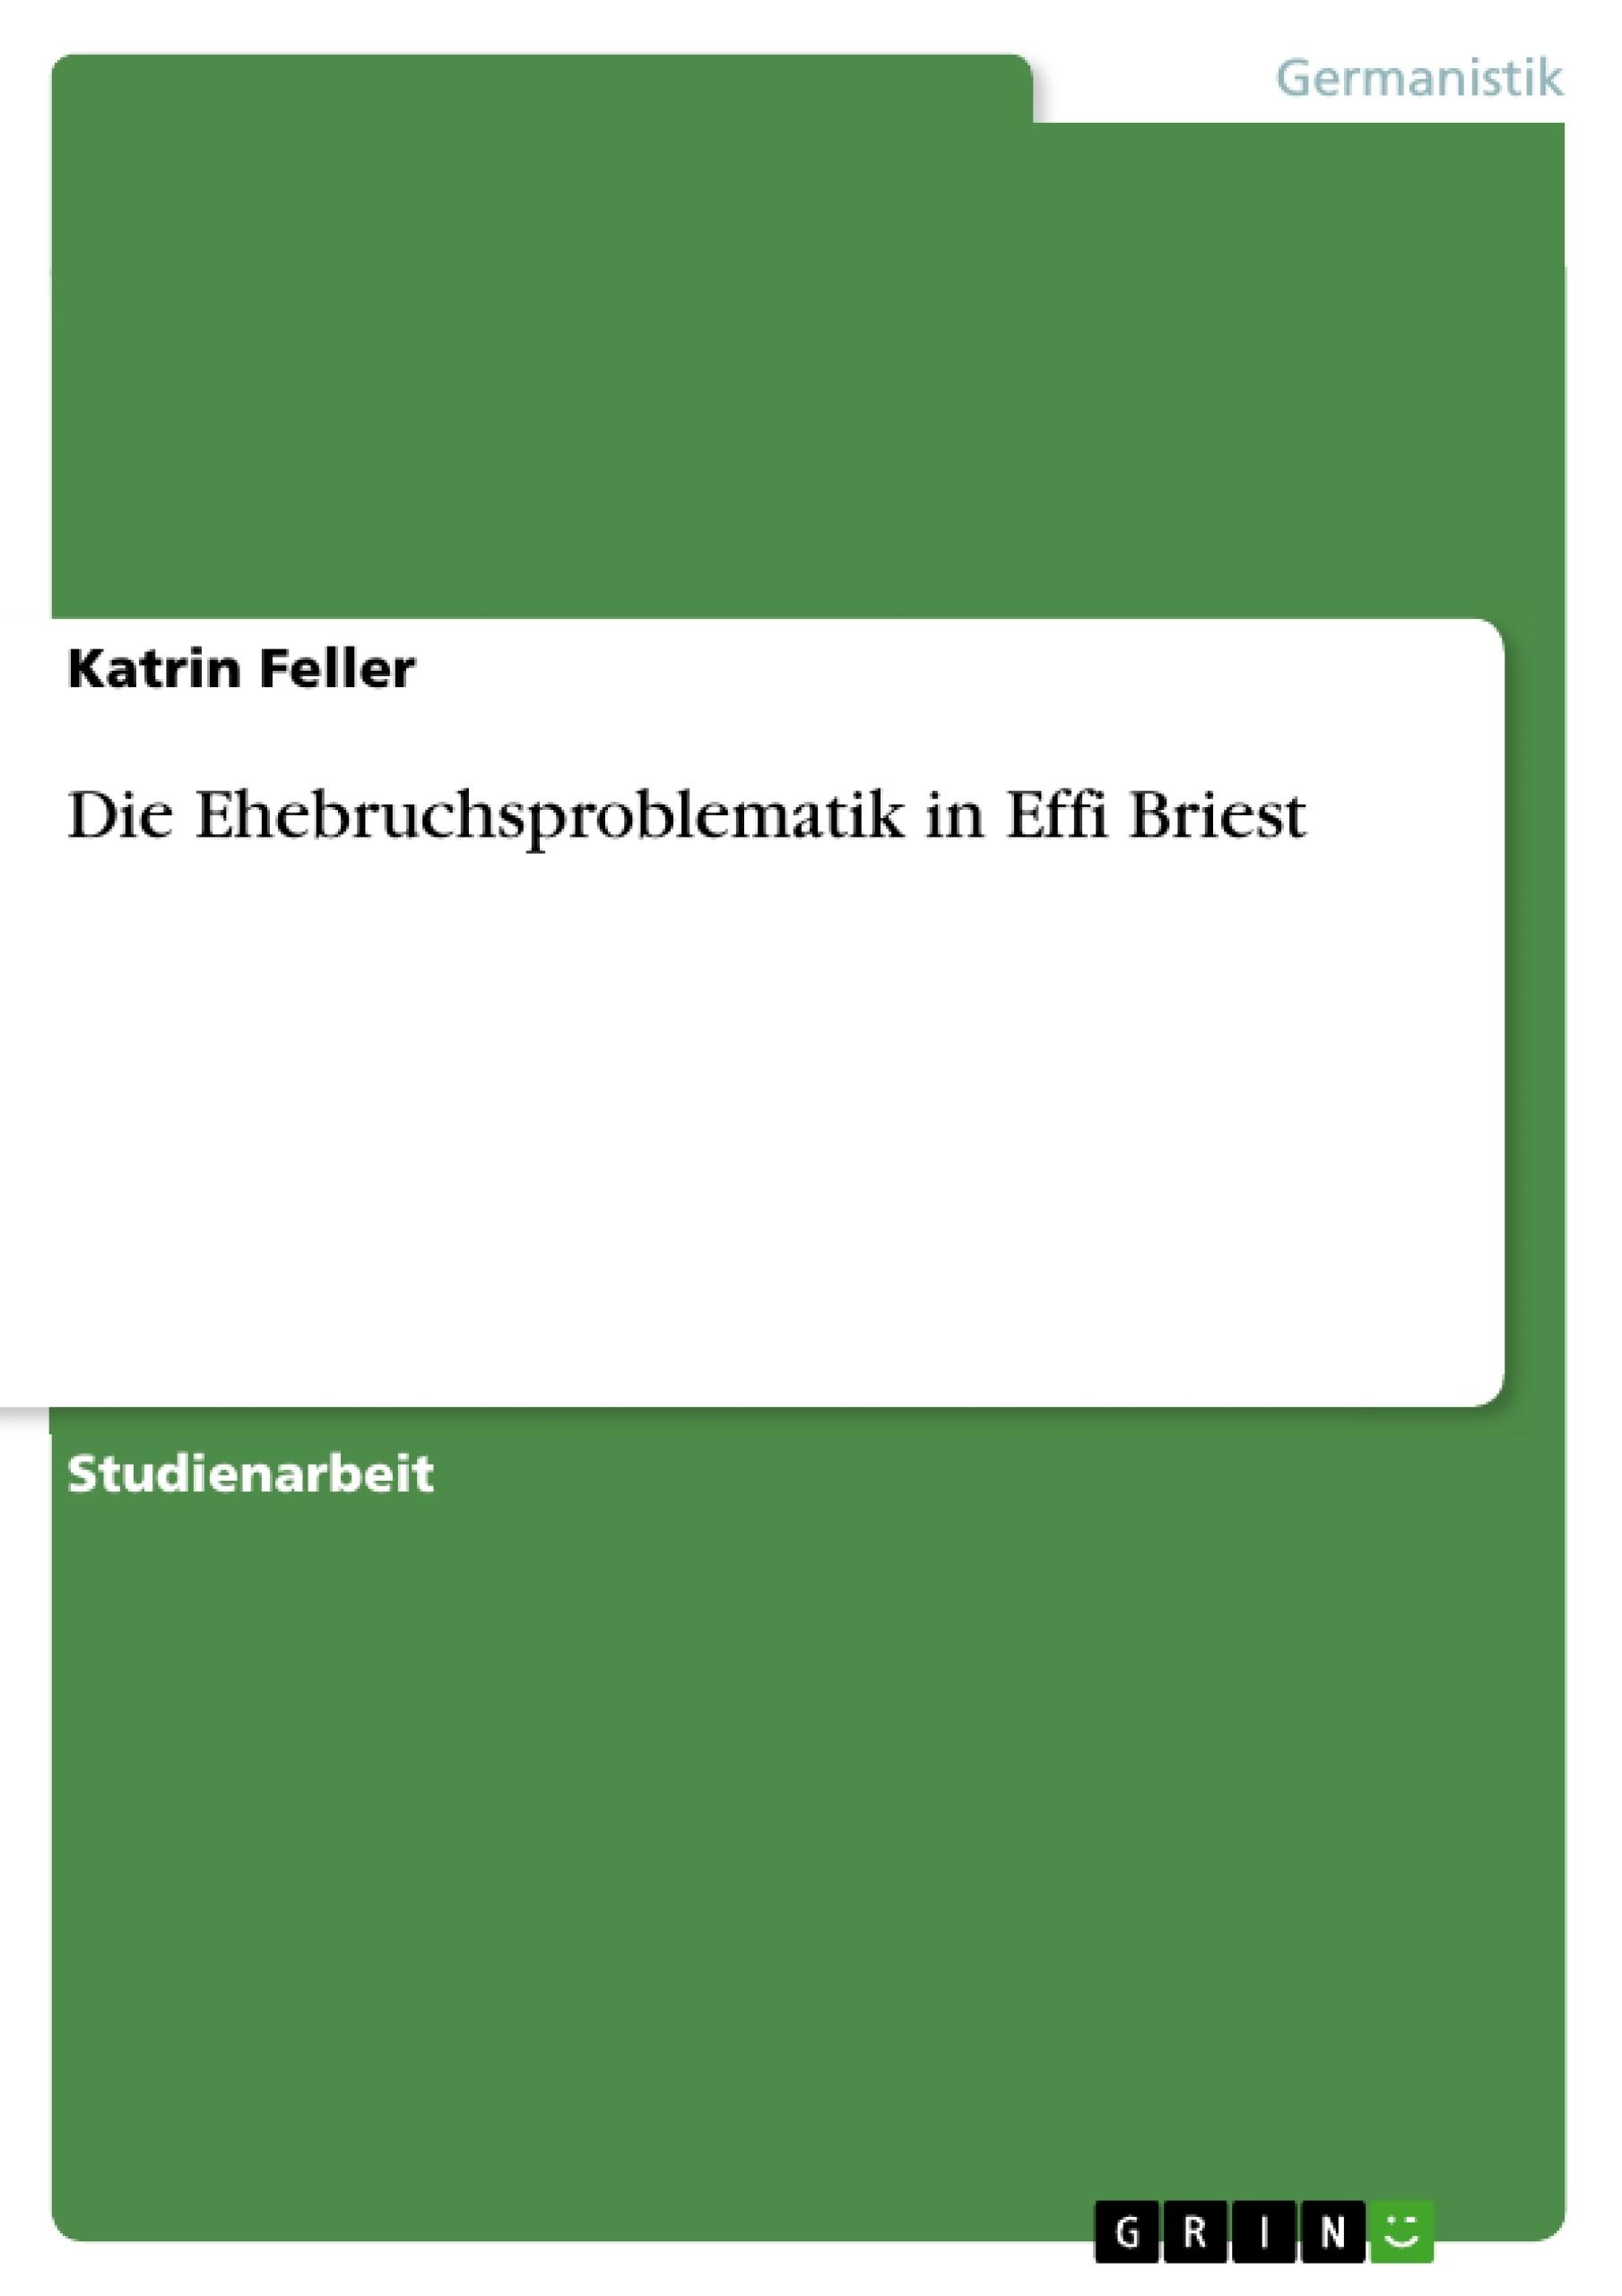 Titel: Die Ehebruchsproblematik in Effi Briest